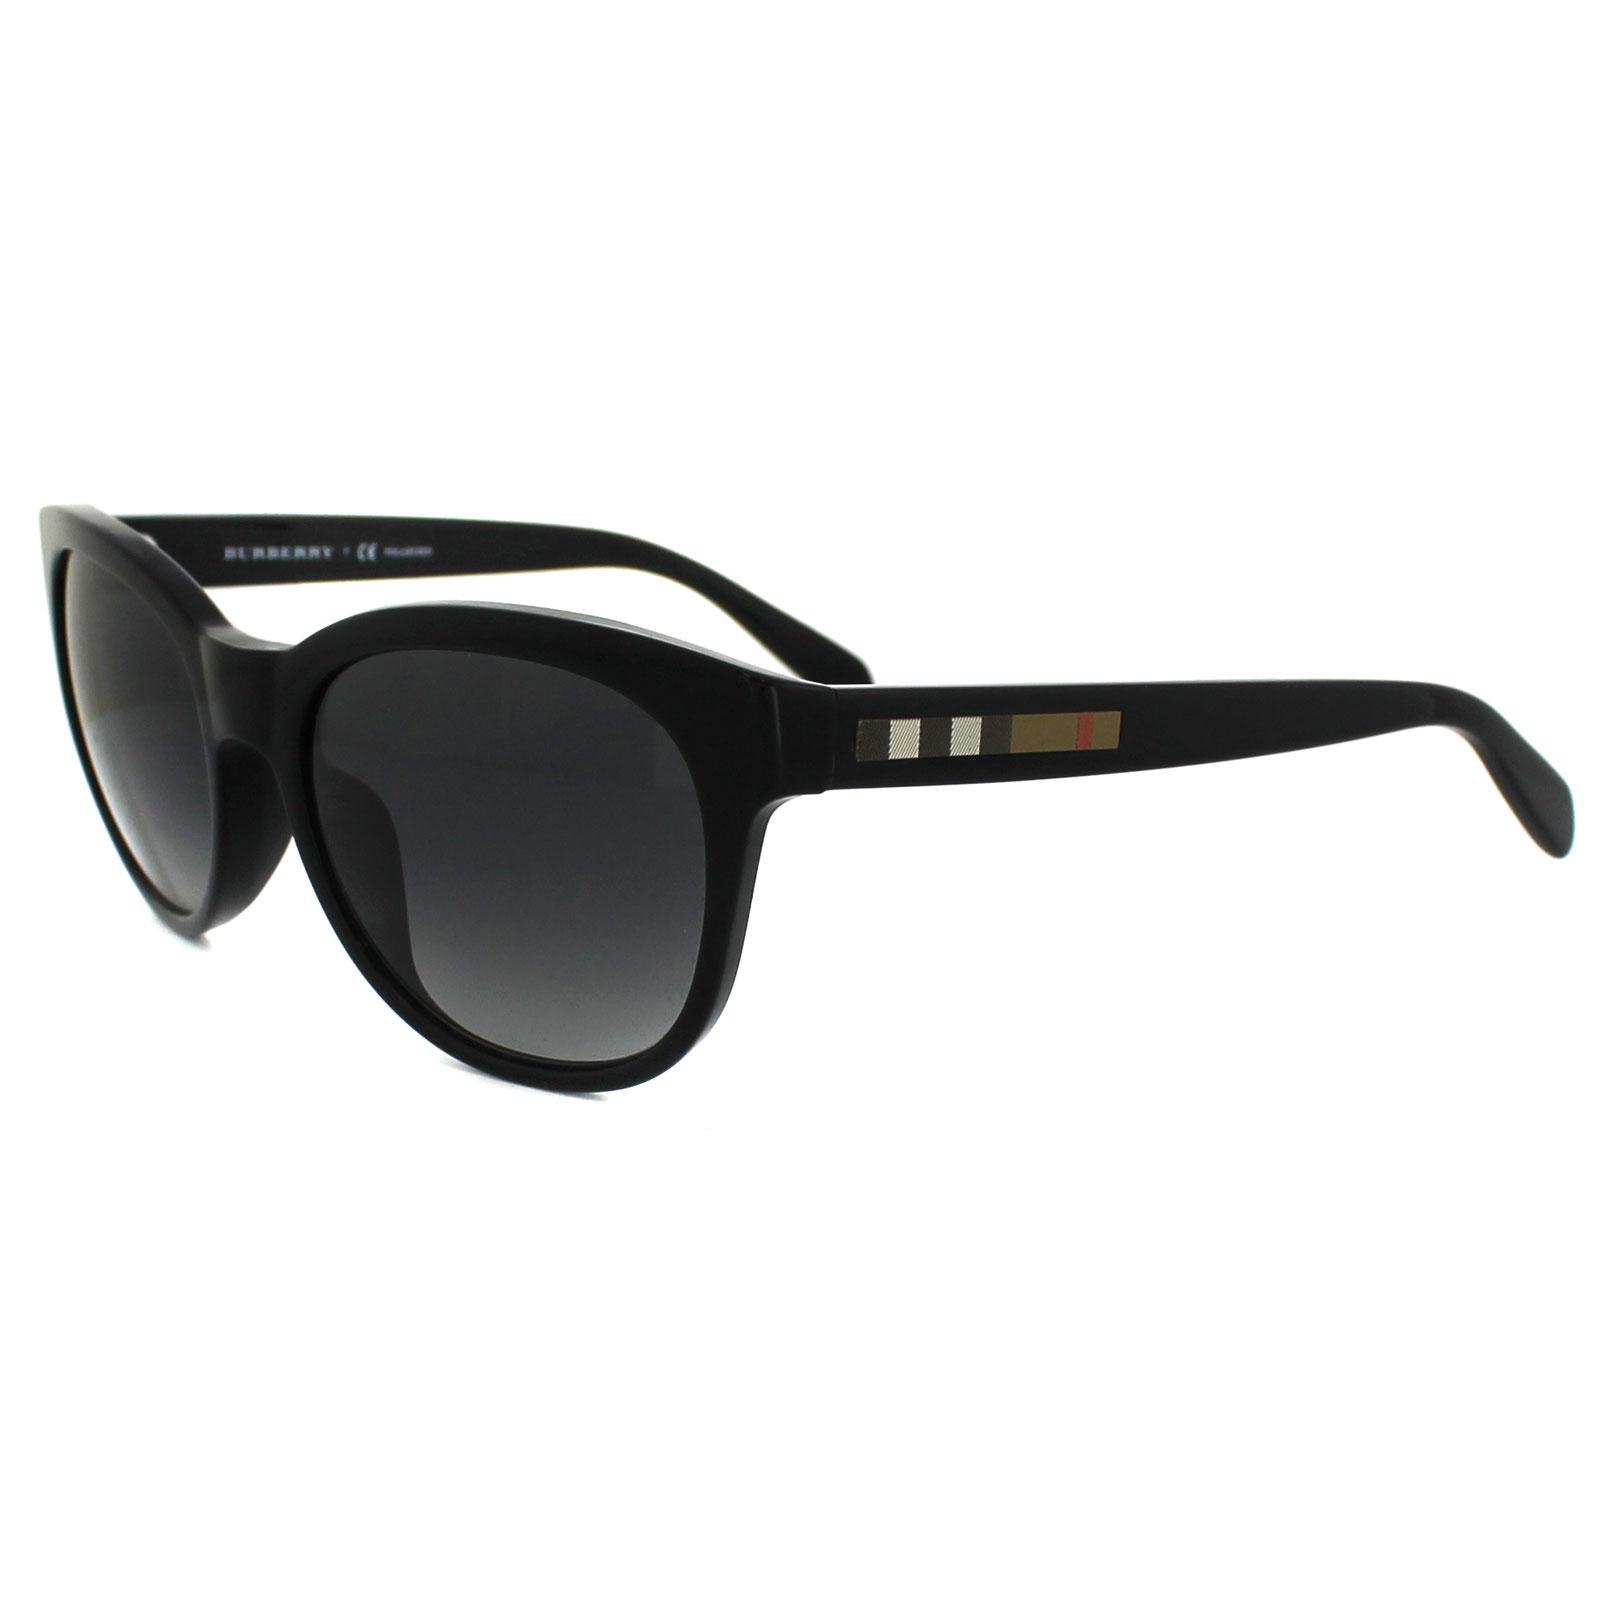 e83812bf67b Ebay Burberry Sunglasses